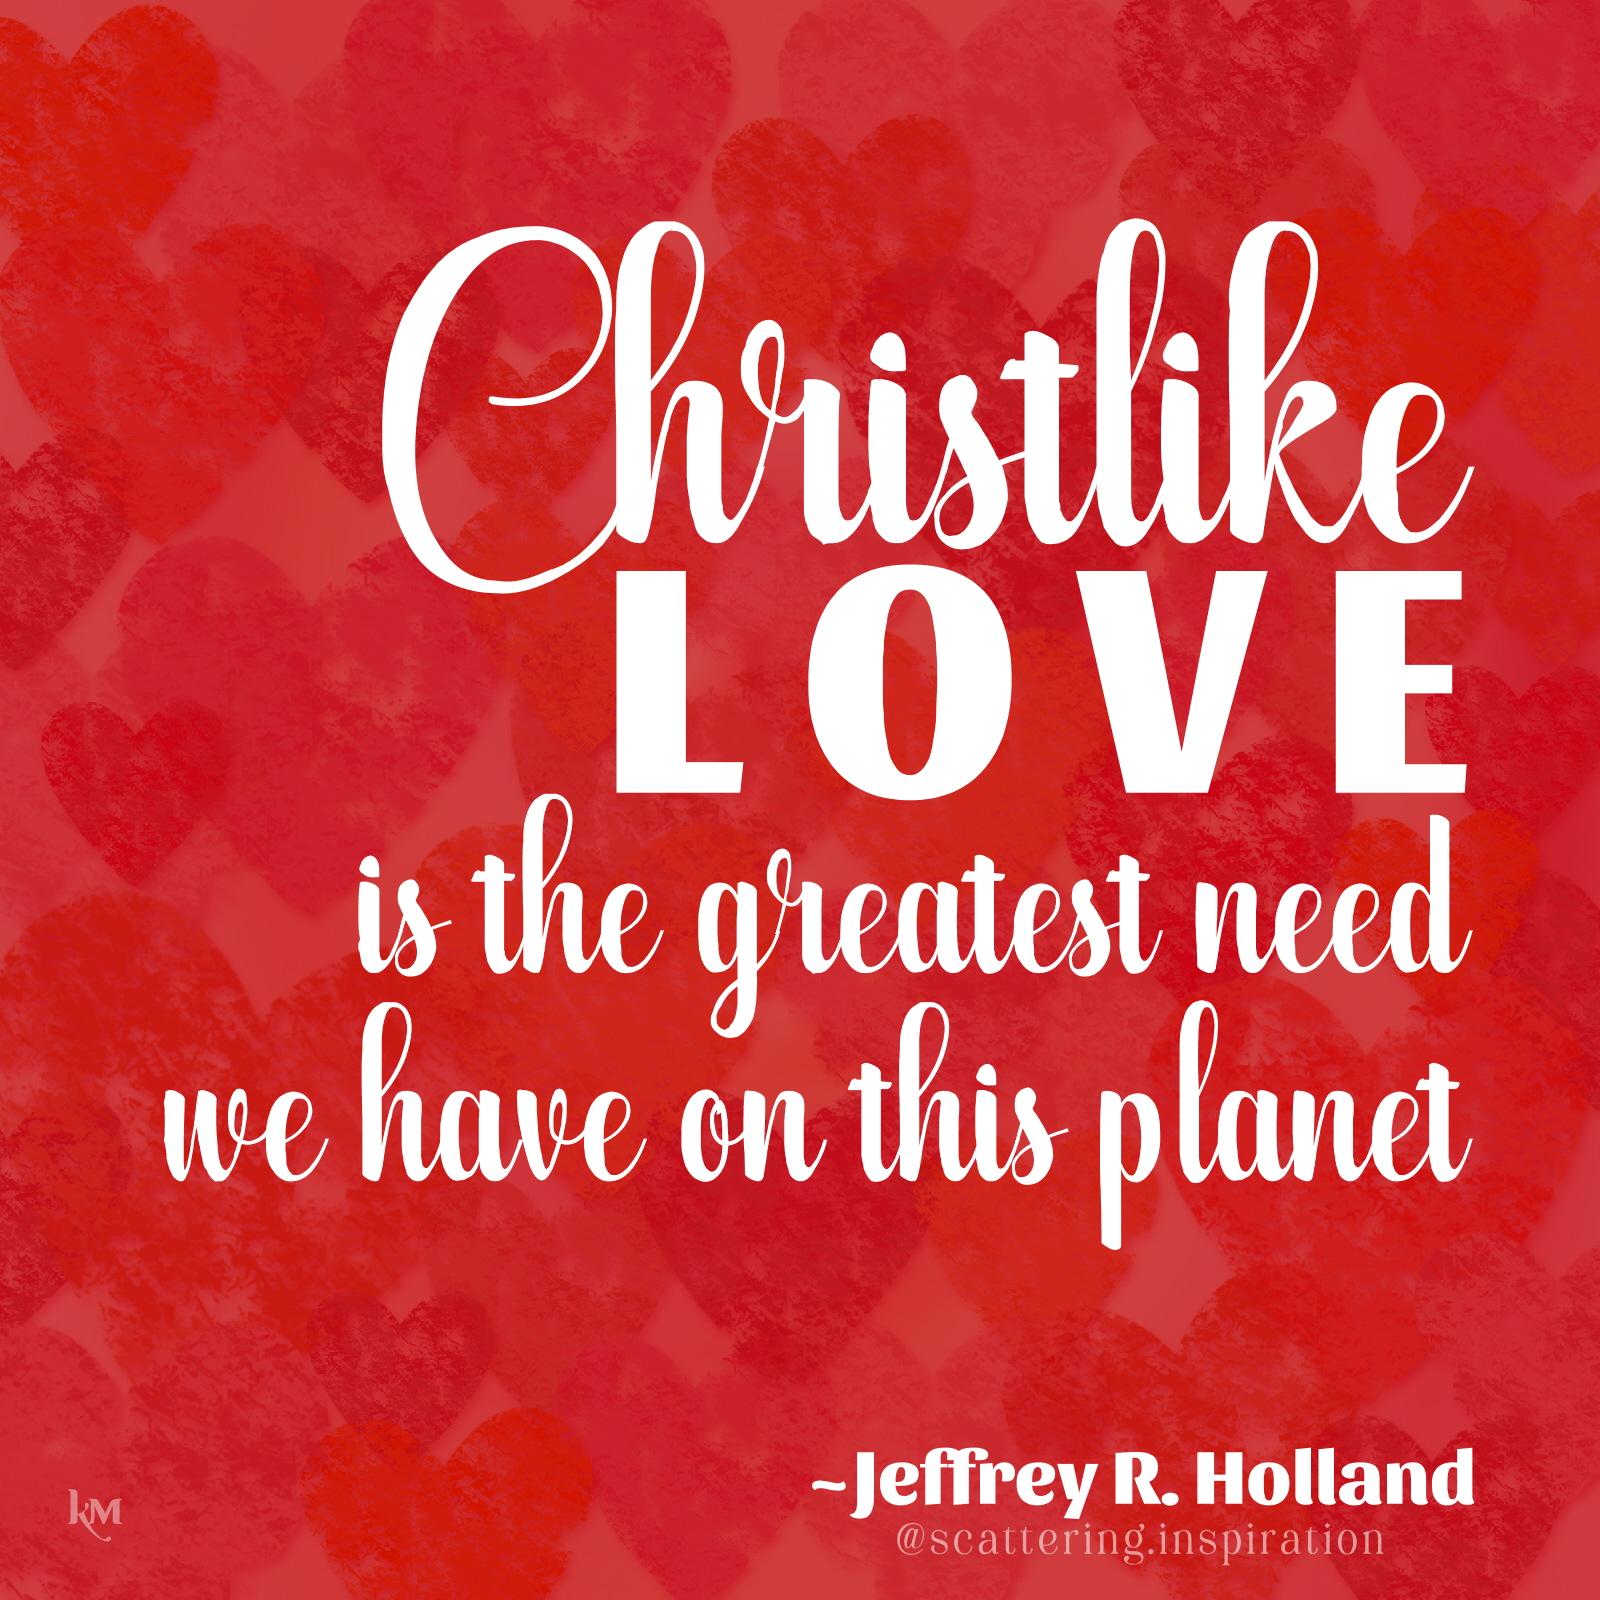 Christlike love